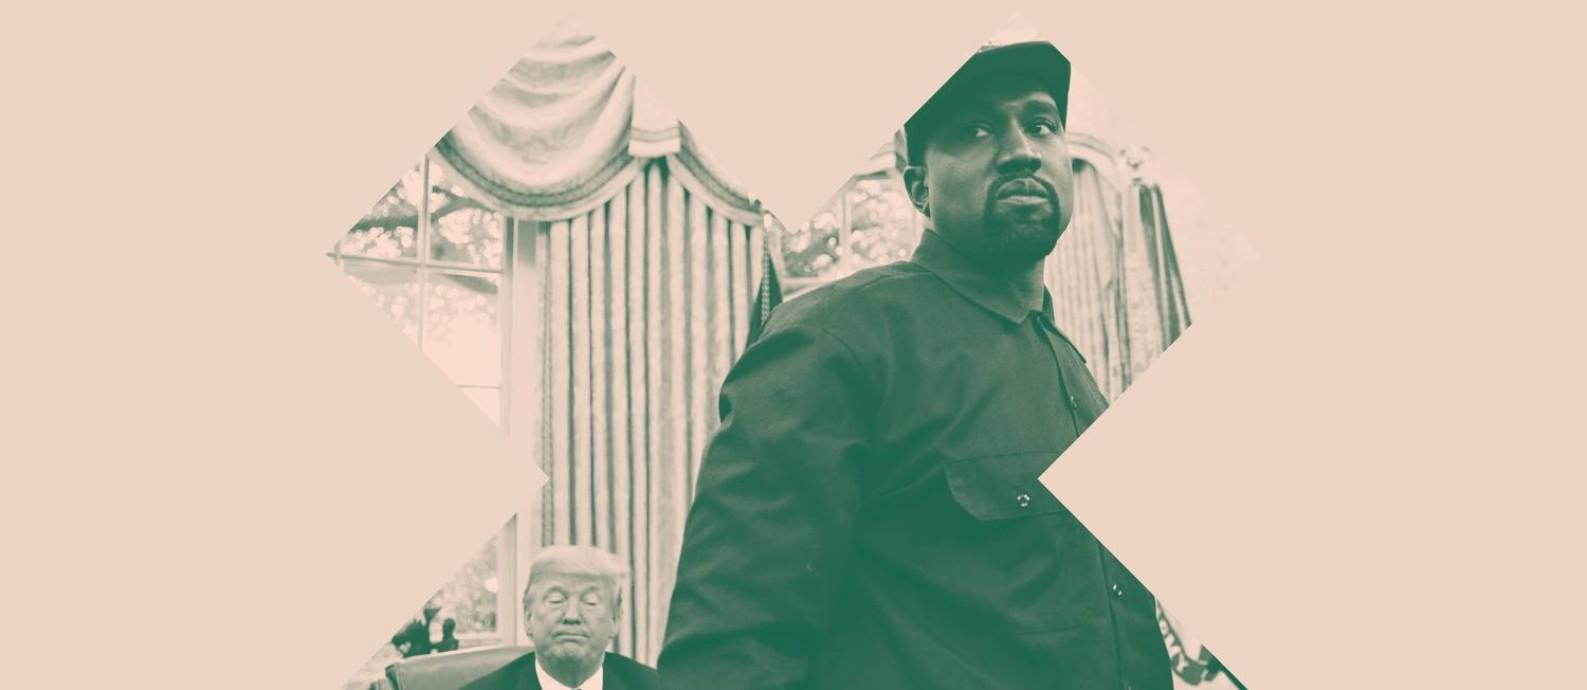 """O rapper Kanye West, notório bad guy da música, foi """"cancelado"""" depois de se dizer eleitor de Donald Trump e listar os benefícios da escravidão. Foto: Arte sobre foto de Andrew Harrer / Bloomberg / Getty Images"""